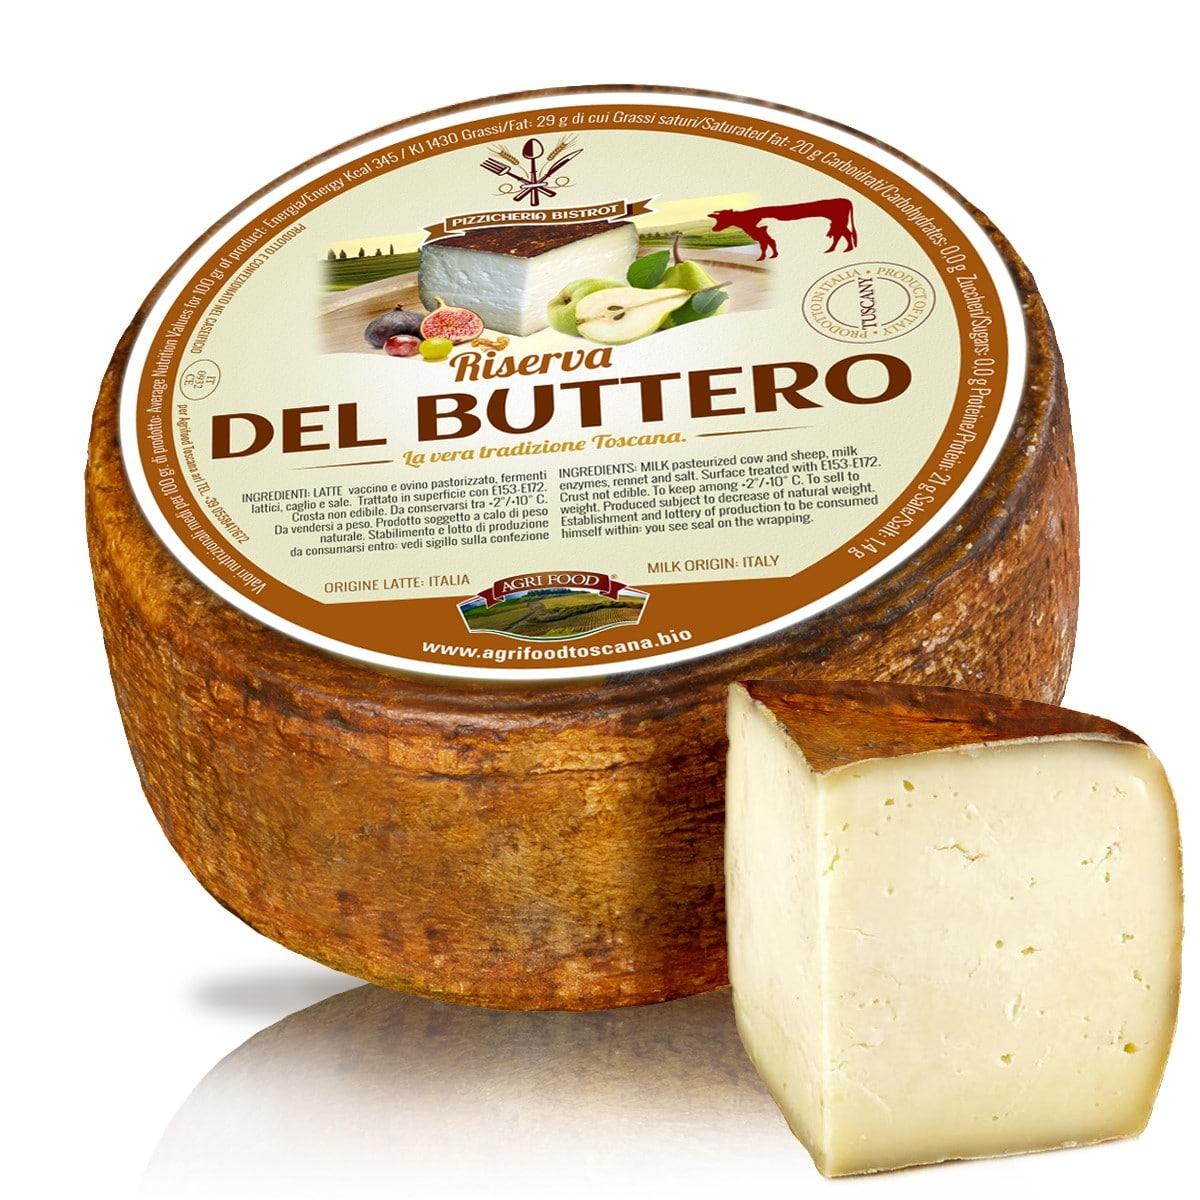 formaggio riserva de buttero, agrifood toscana